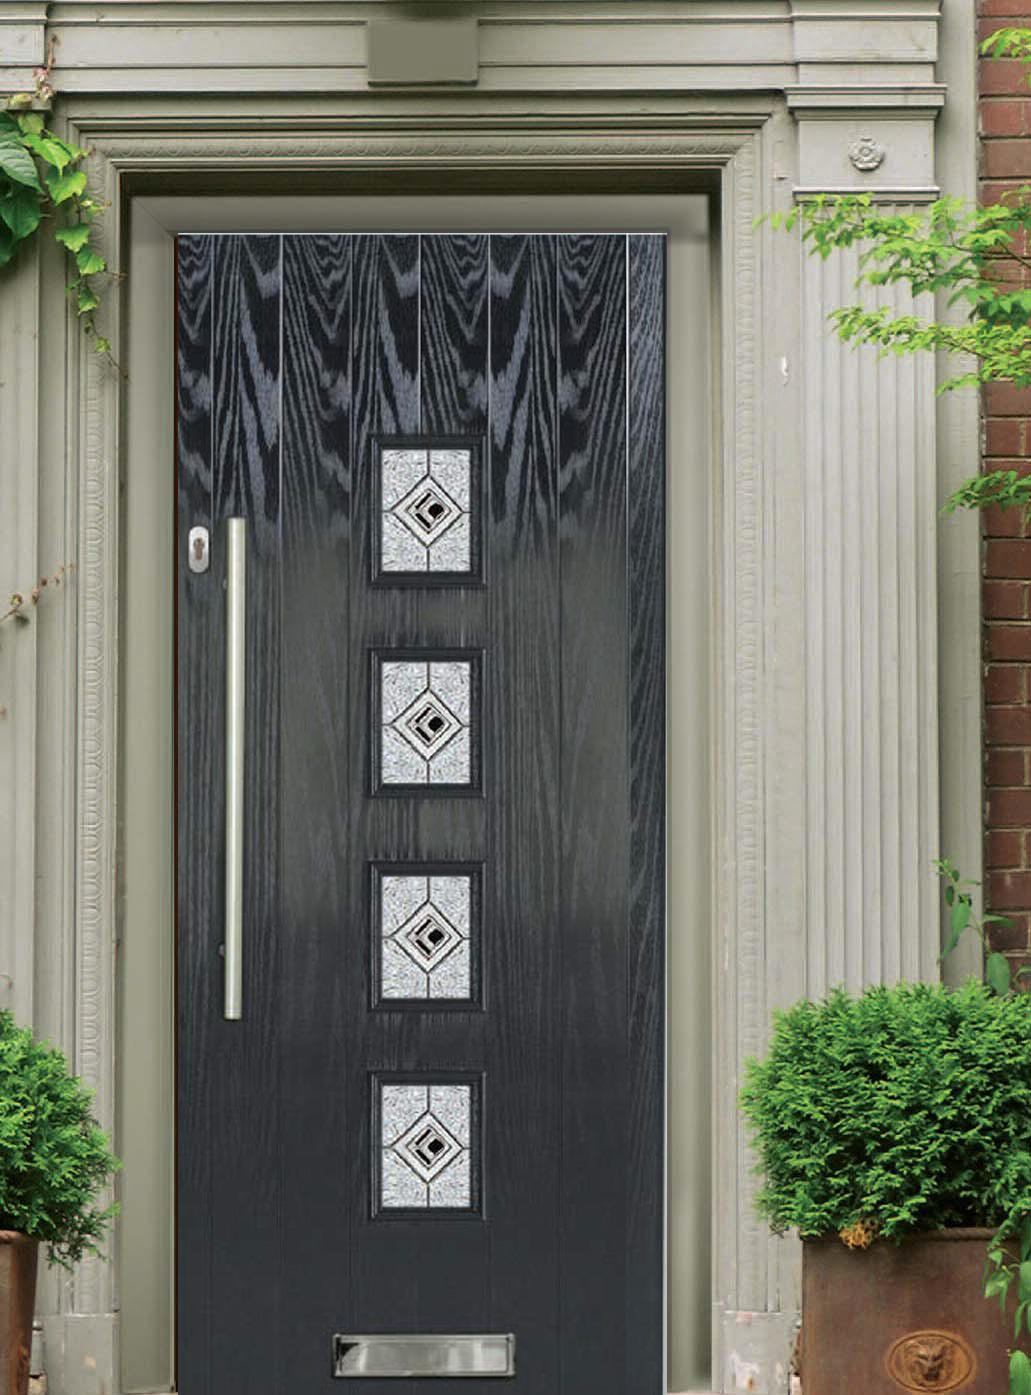 Harlech Composite Doors